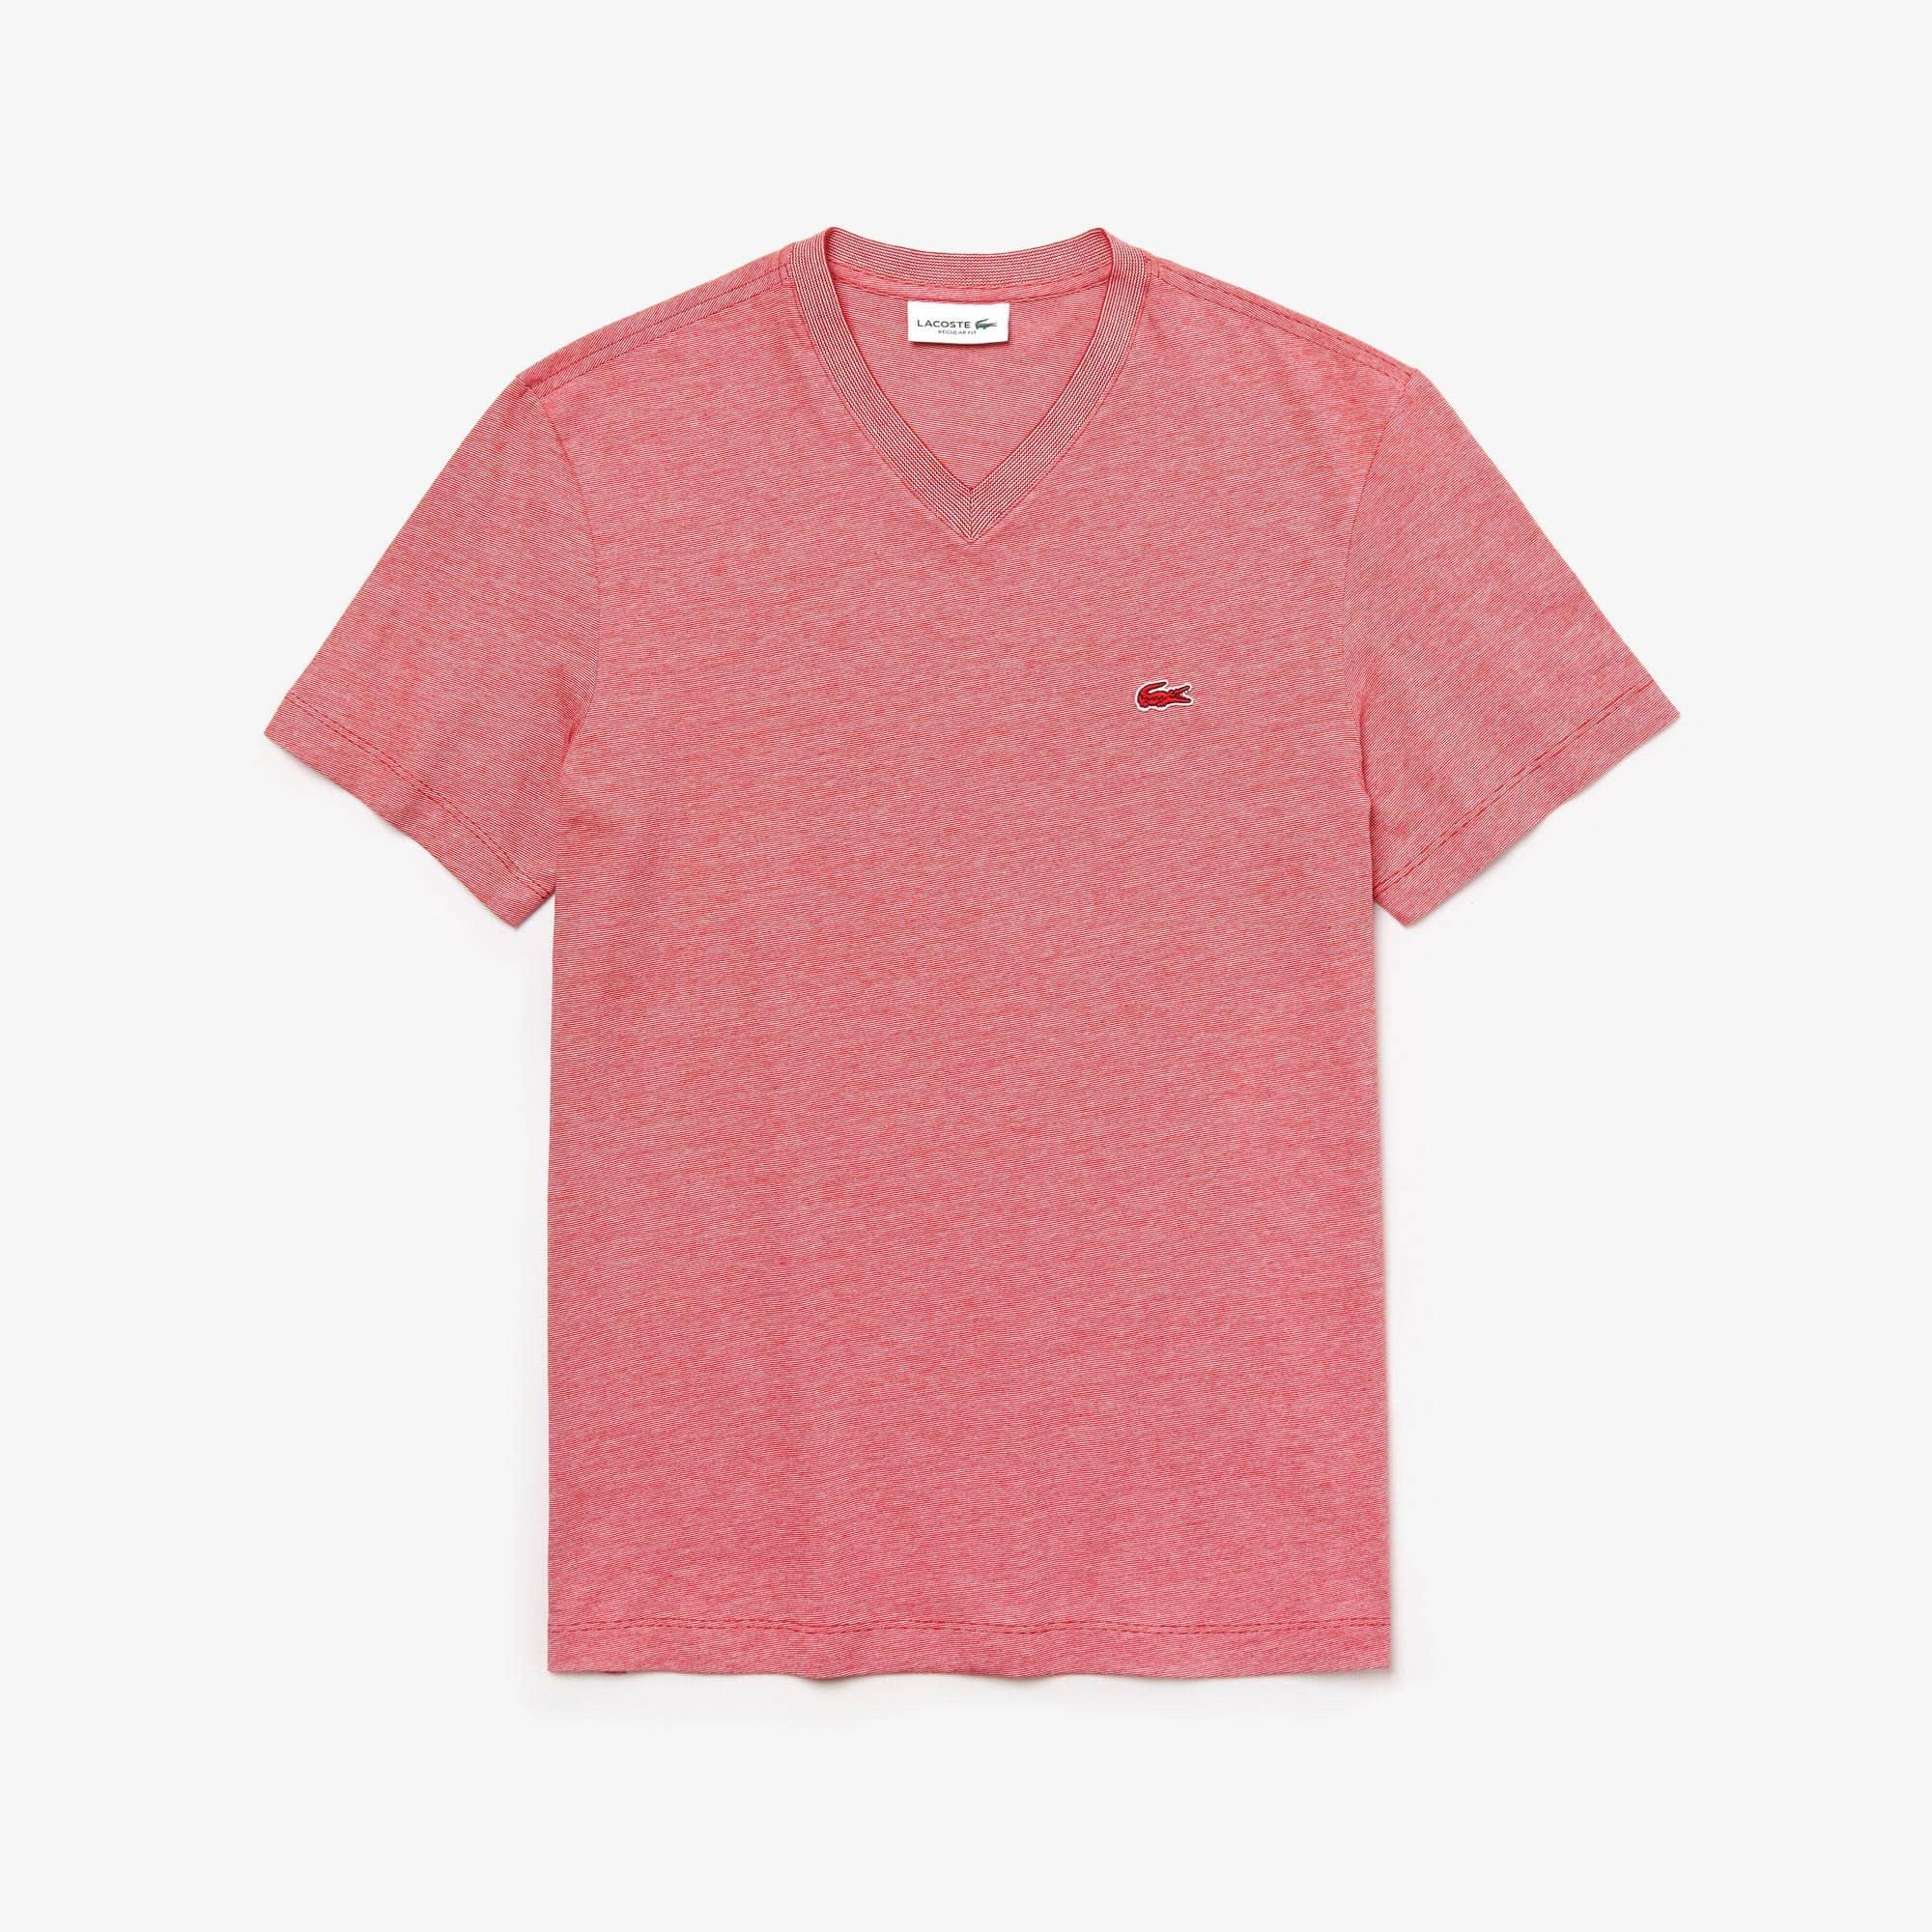 라코스테 브이넥 반팔 티셔츠 Lacoste Mens V-Neck Cotton T-shirt,Red / White